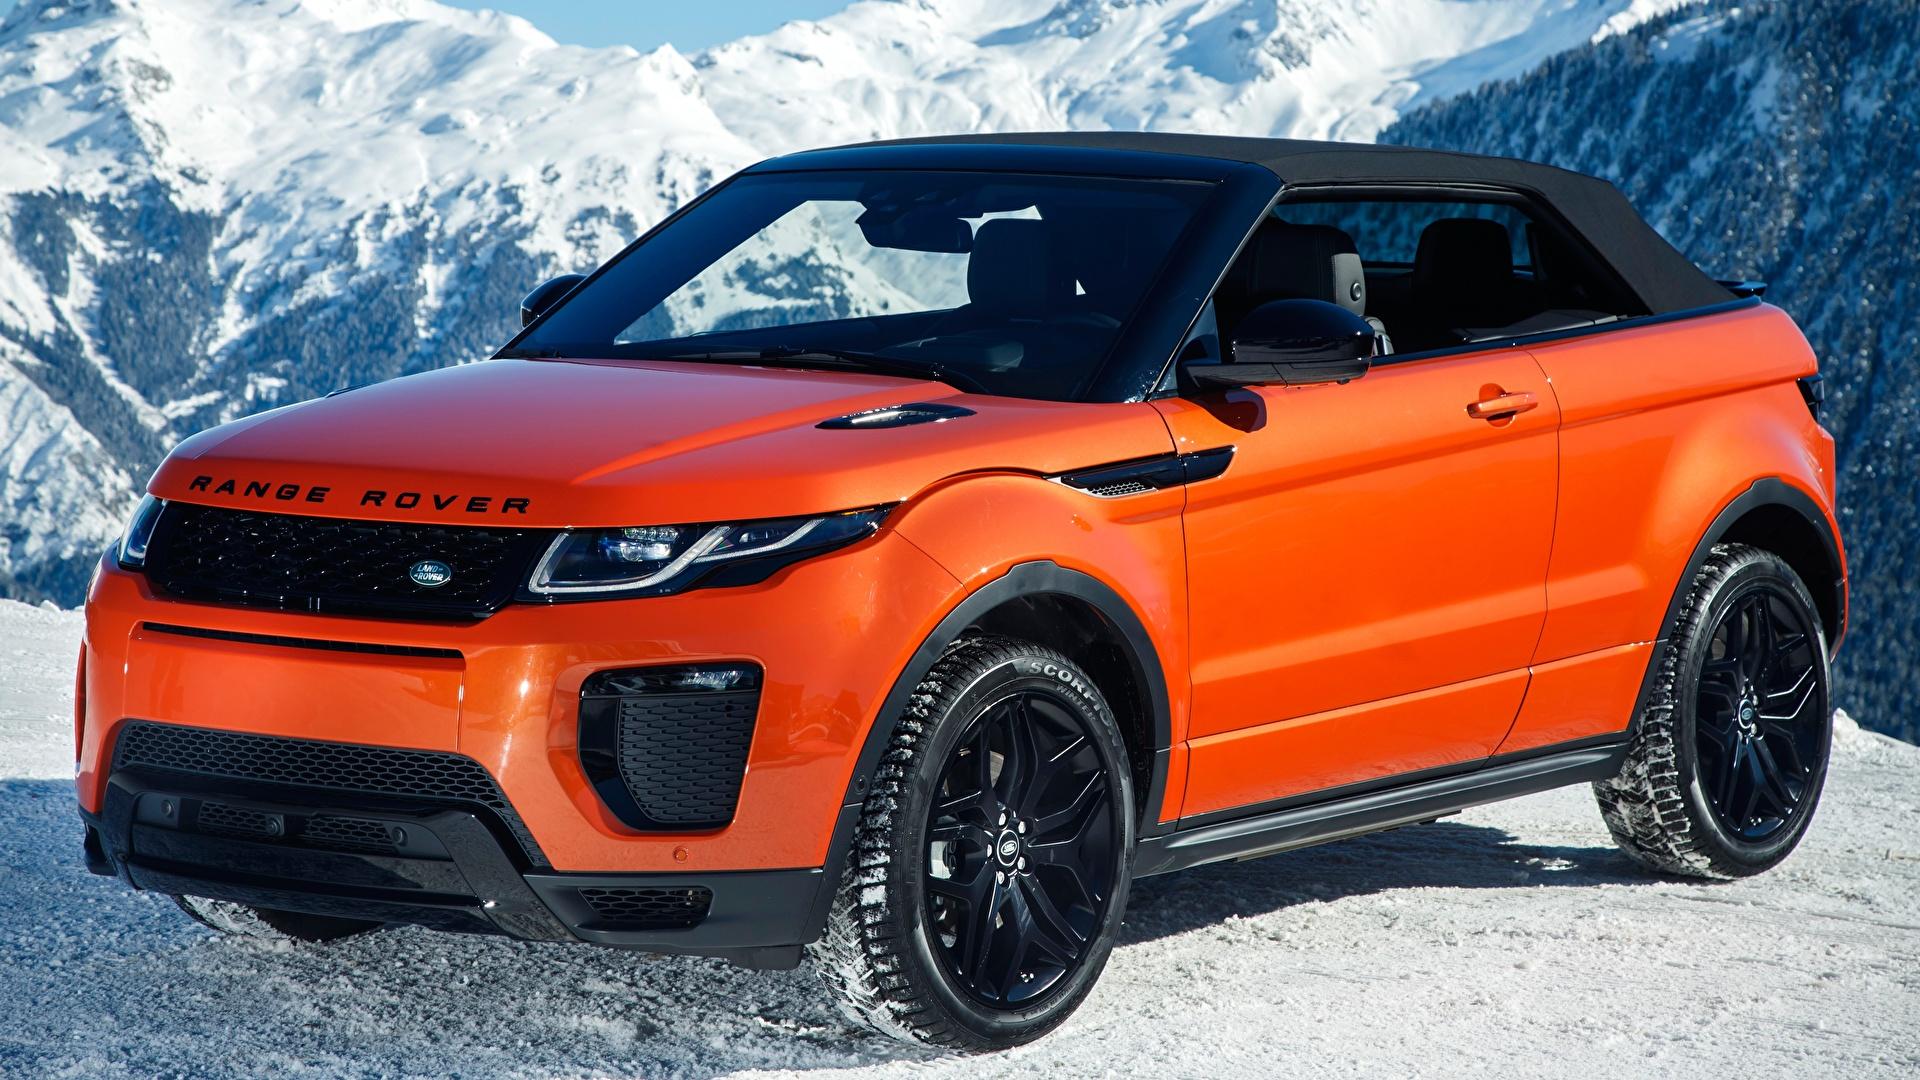 Обои для рабочего стола Land Rover Кроссовер Evoque, Convertible HSE Dynamic, 2016 оранжевая машина Металлик 1920x1080 Range Rover CUV Оранжевый оранжевые оранжевых авто машины Автомобили автомобиль